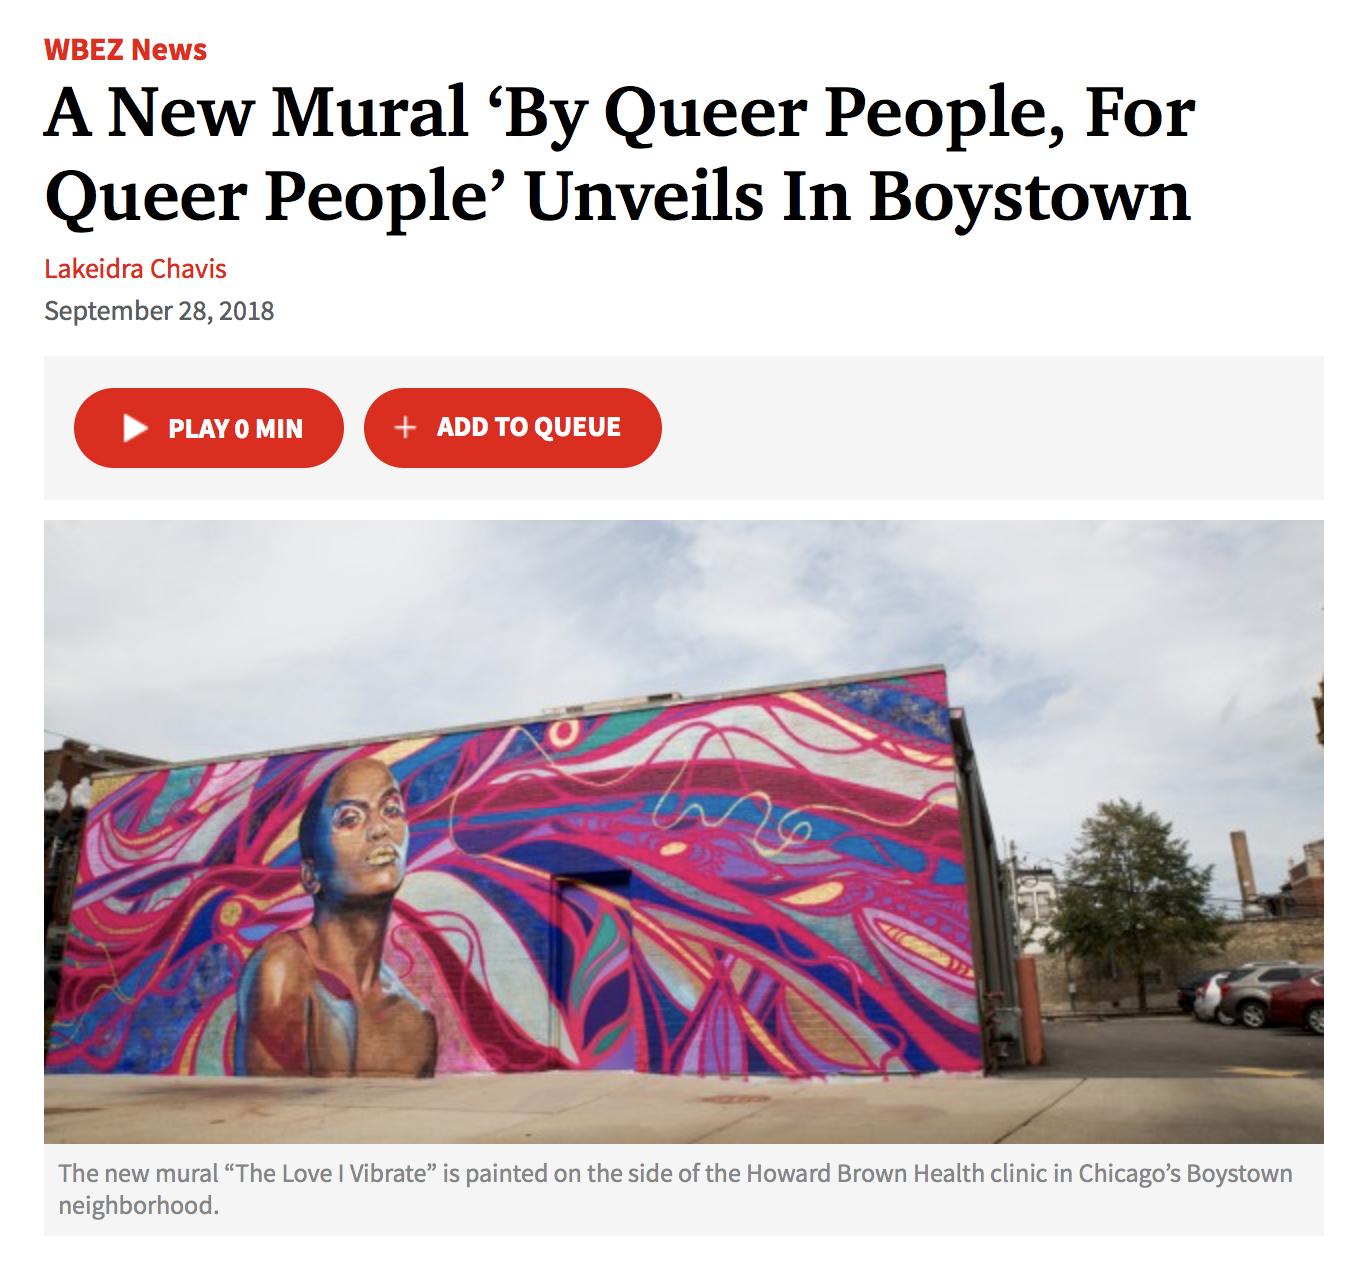 WBEZ Sam Kirk 2018_Love I vibrate_LGBT Mural.jpg